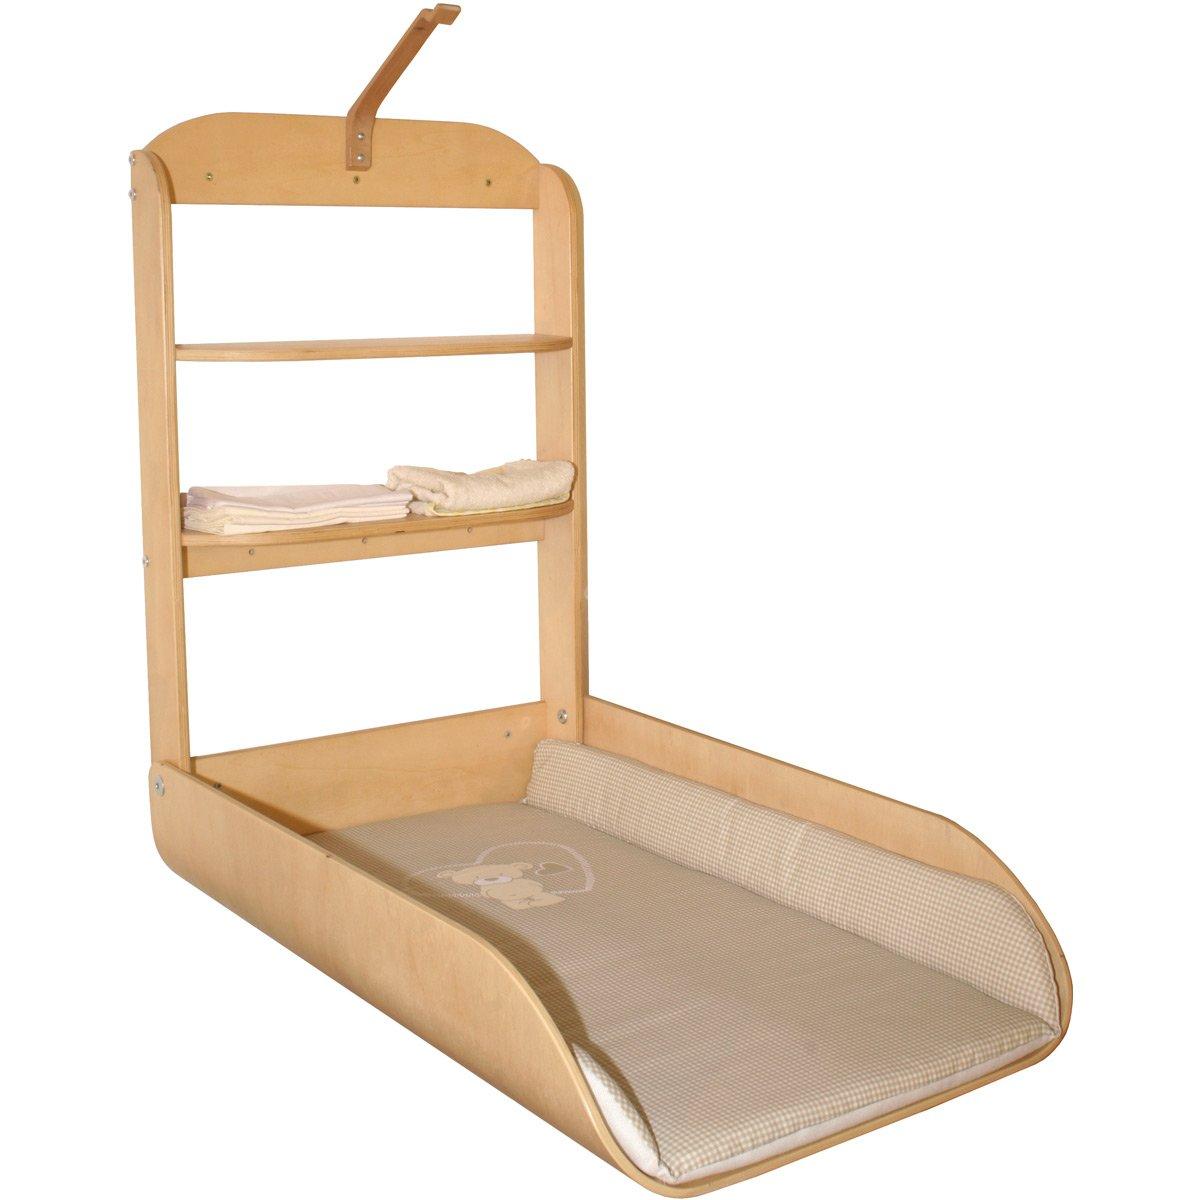 Wand-Wickeltisch aus Holz, praktischer Schnappverschluß, 47x75 cm Liegefläche Liegefläche Liegefläche • Baby klappbar Wandwickelregal Wickelregal e19ade